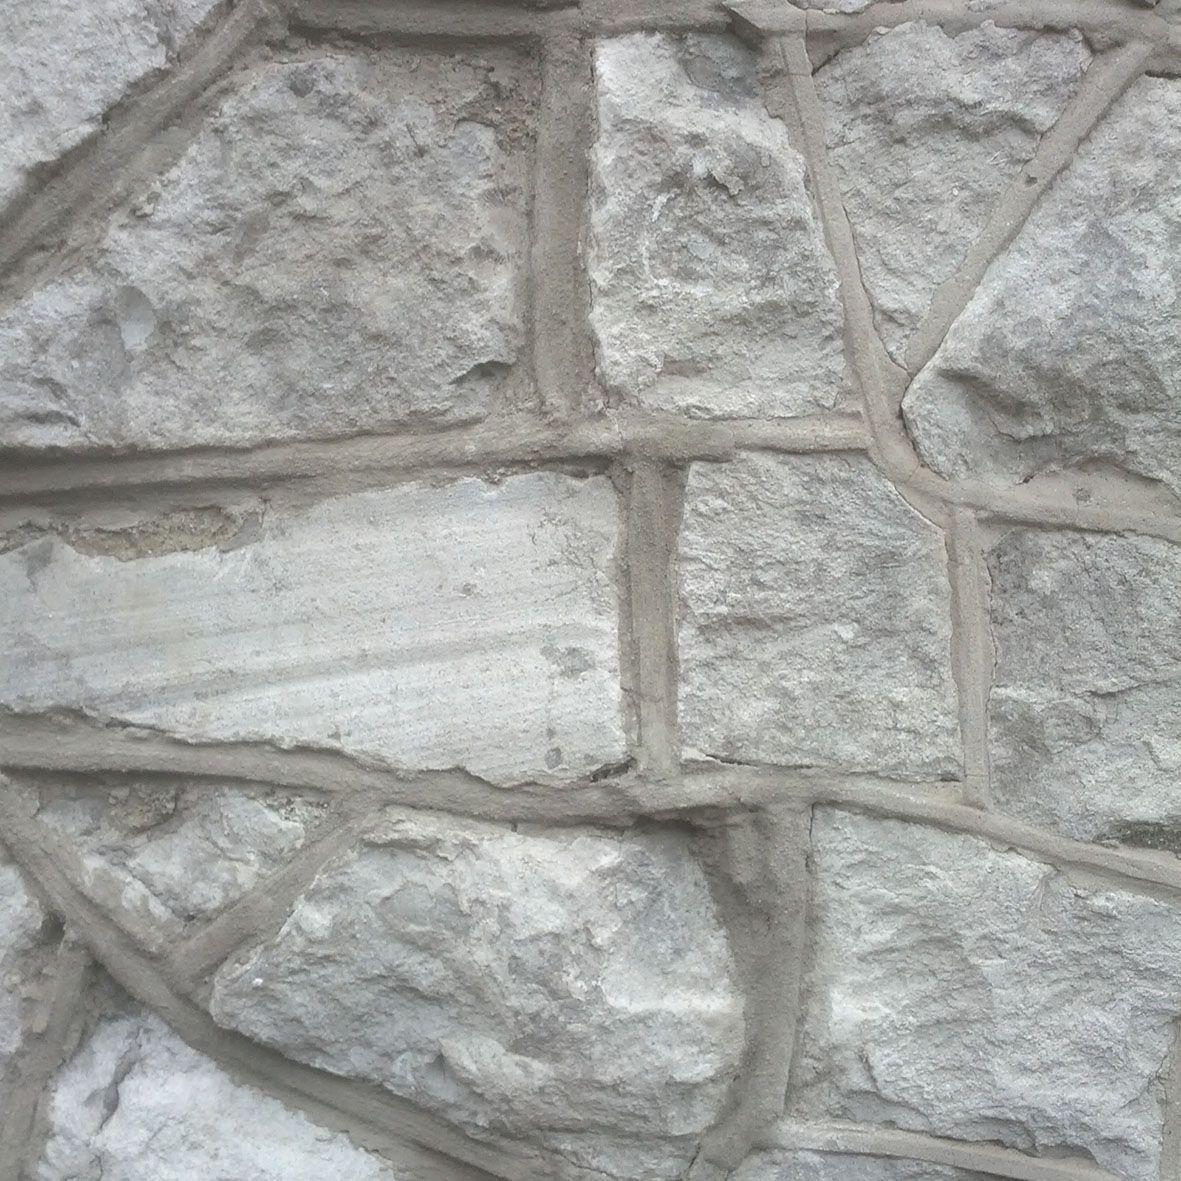 De structuur van de stenen muur is ruw en hard. Enkele stenen steken meer uit de stenen muur waardoor er een waar reliëf ontstaat die de textuur mee vormt. De voegen zijn hoekig en hard en verbinden de stenen met elkaar.